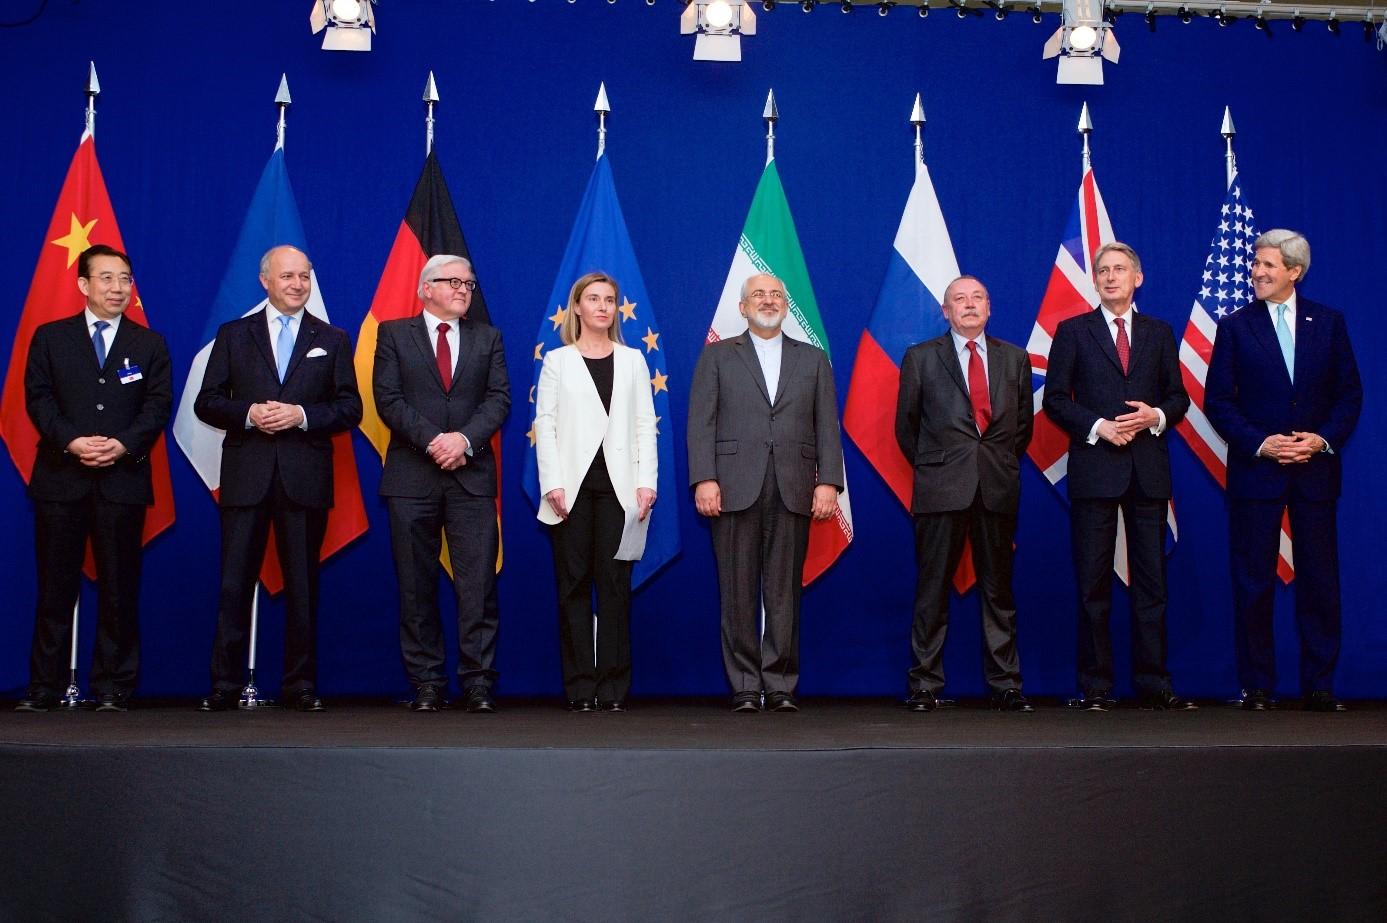 Der Ausblick: Ausgabe 12- Das Iran-Atomabkommen